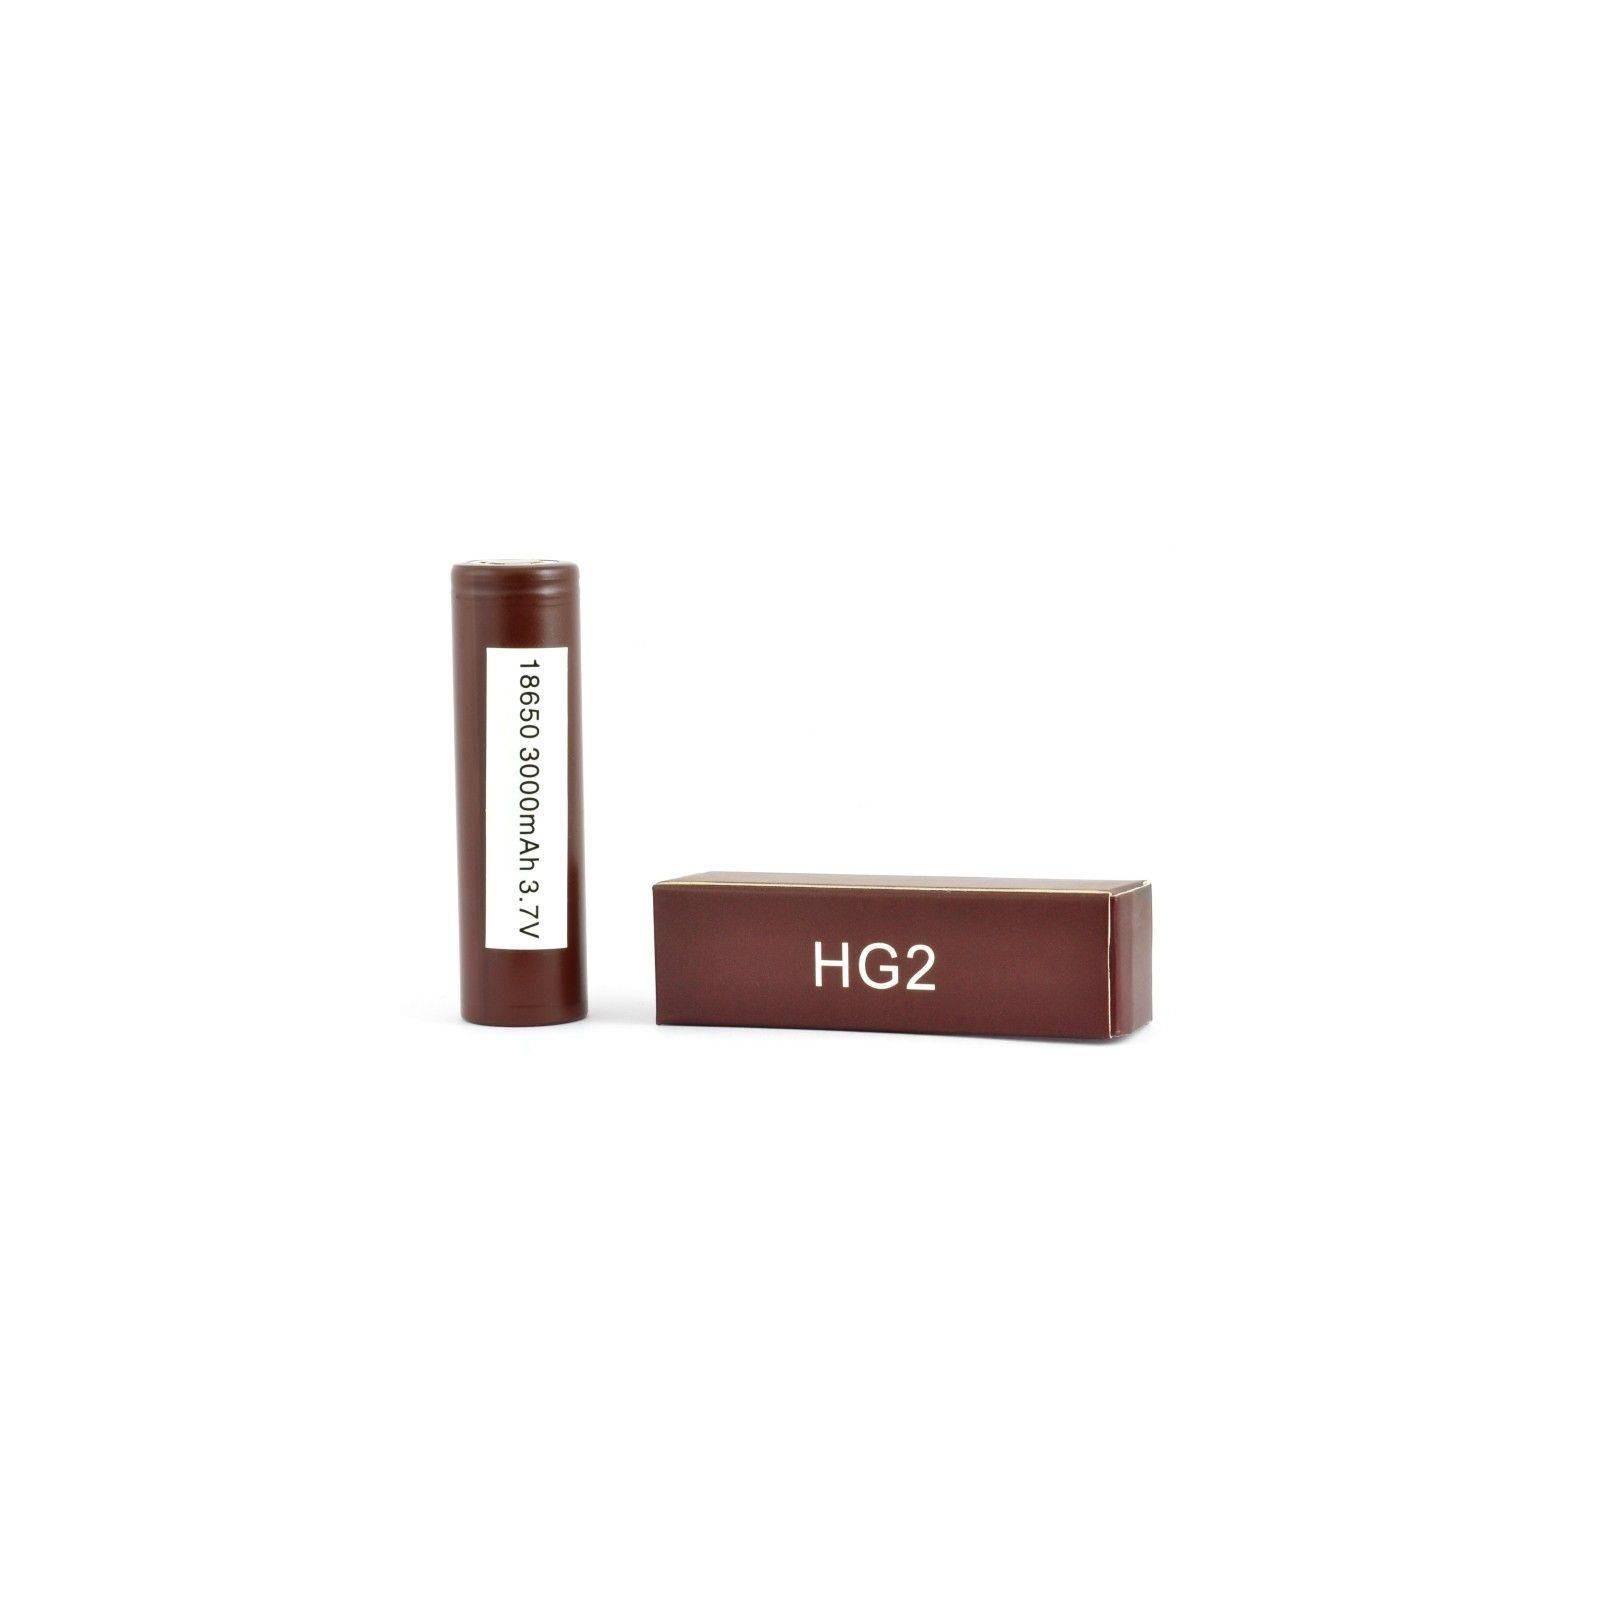 Accu LG HG2 3000 mAh 20A -